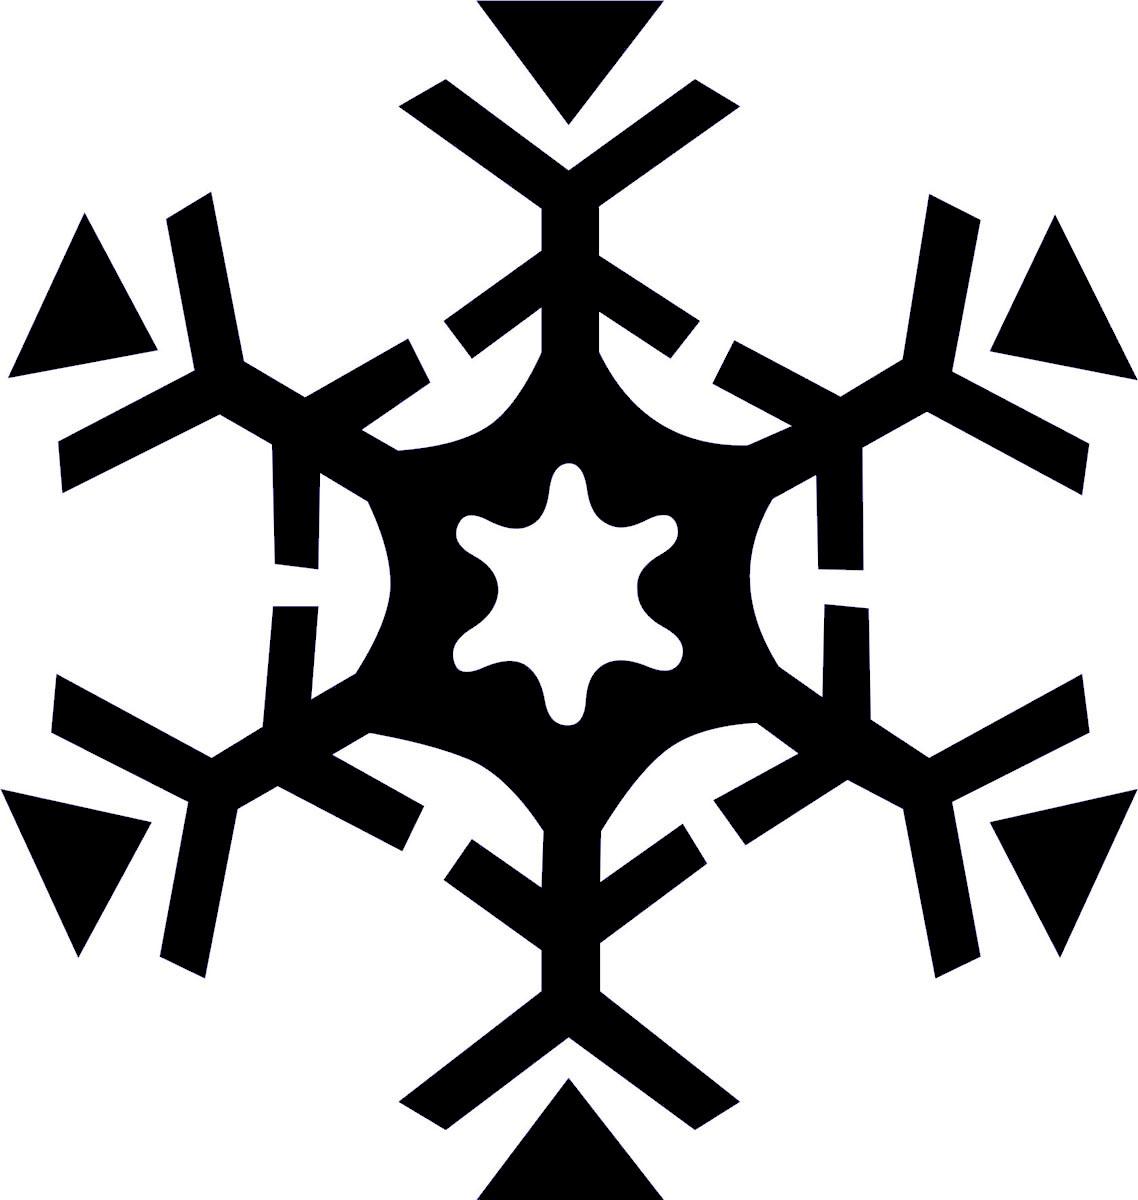 Наклейка автомобильная Оранжевый слоник Снежинка 1, виниловая, цвет: черныйВетерок 2ГФОригинальная наклейка Оранжевый слоник Снежинка 1 изготовлена из высококачественной виниловой пленки, которая выполняет не только декоративную функцию, но и защищает кузов автомобиля от небольших механических повреждений, либо скрывает уже существующие.Виниловые наклейки на автомобиль - это не только красиво, но еще и быстро! Всего за несколько минут вы можете полностью преобразить свой автомобиль, сделать его ярким, необычным, особенным и неповторимым!